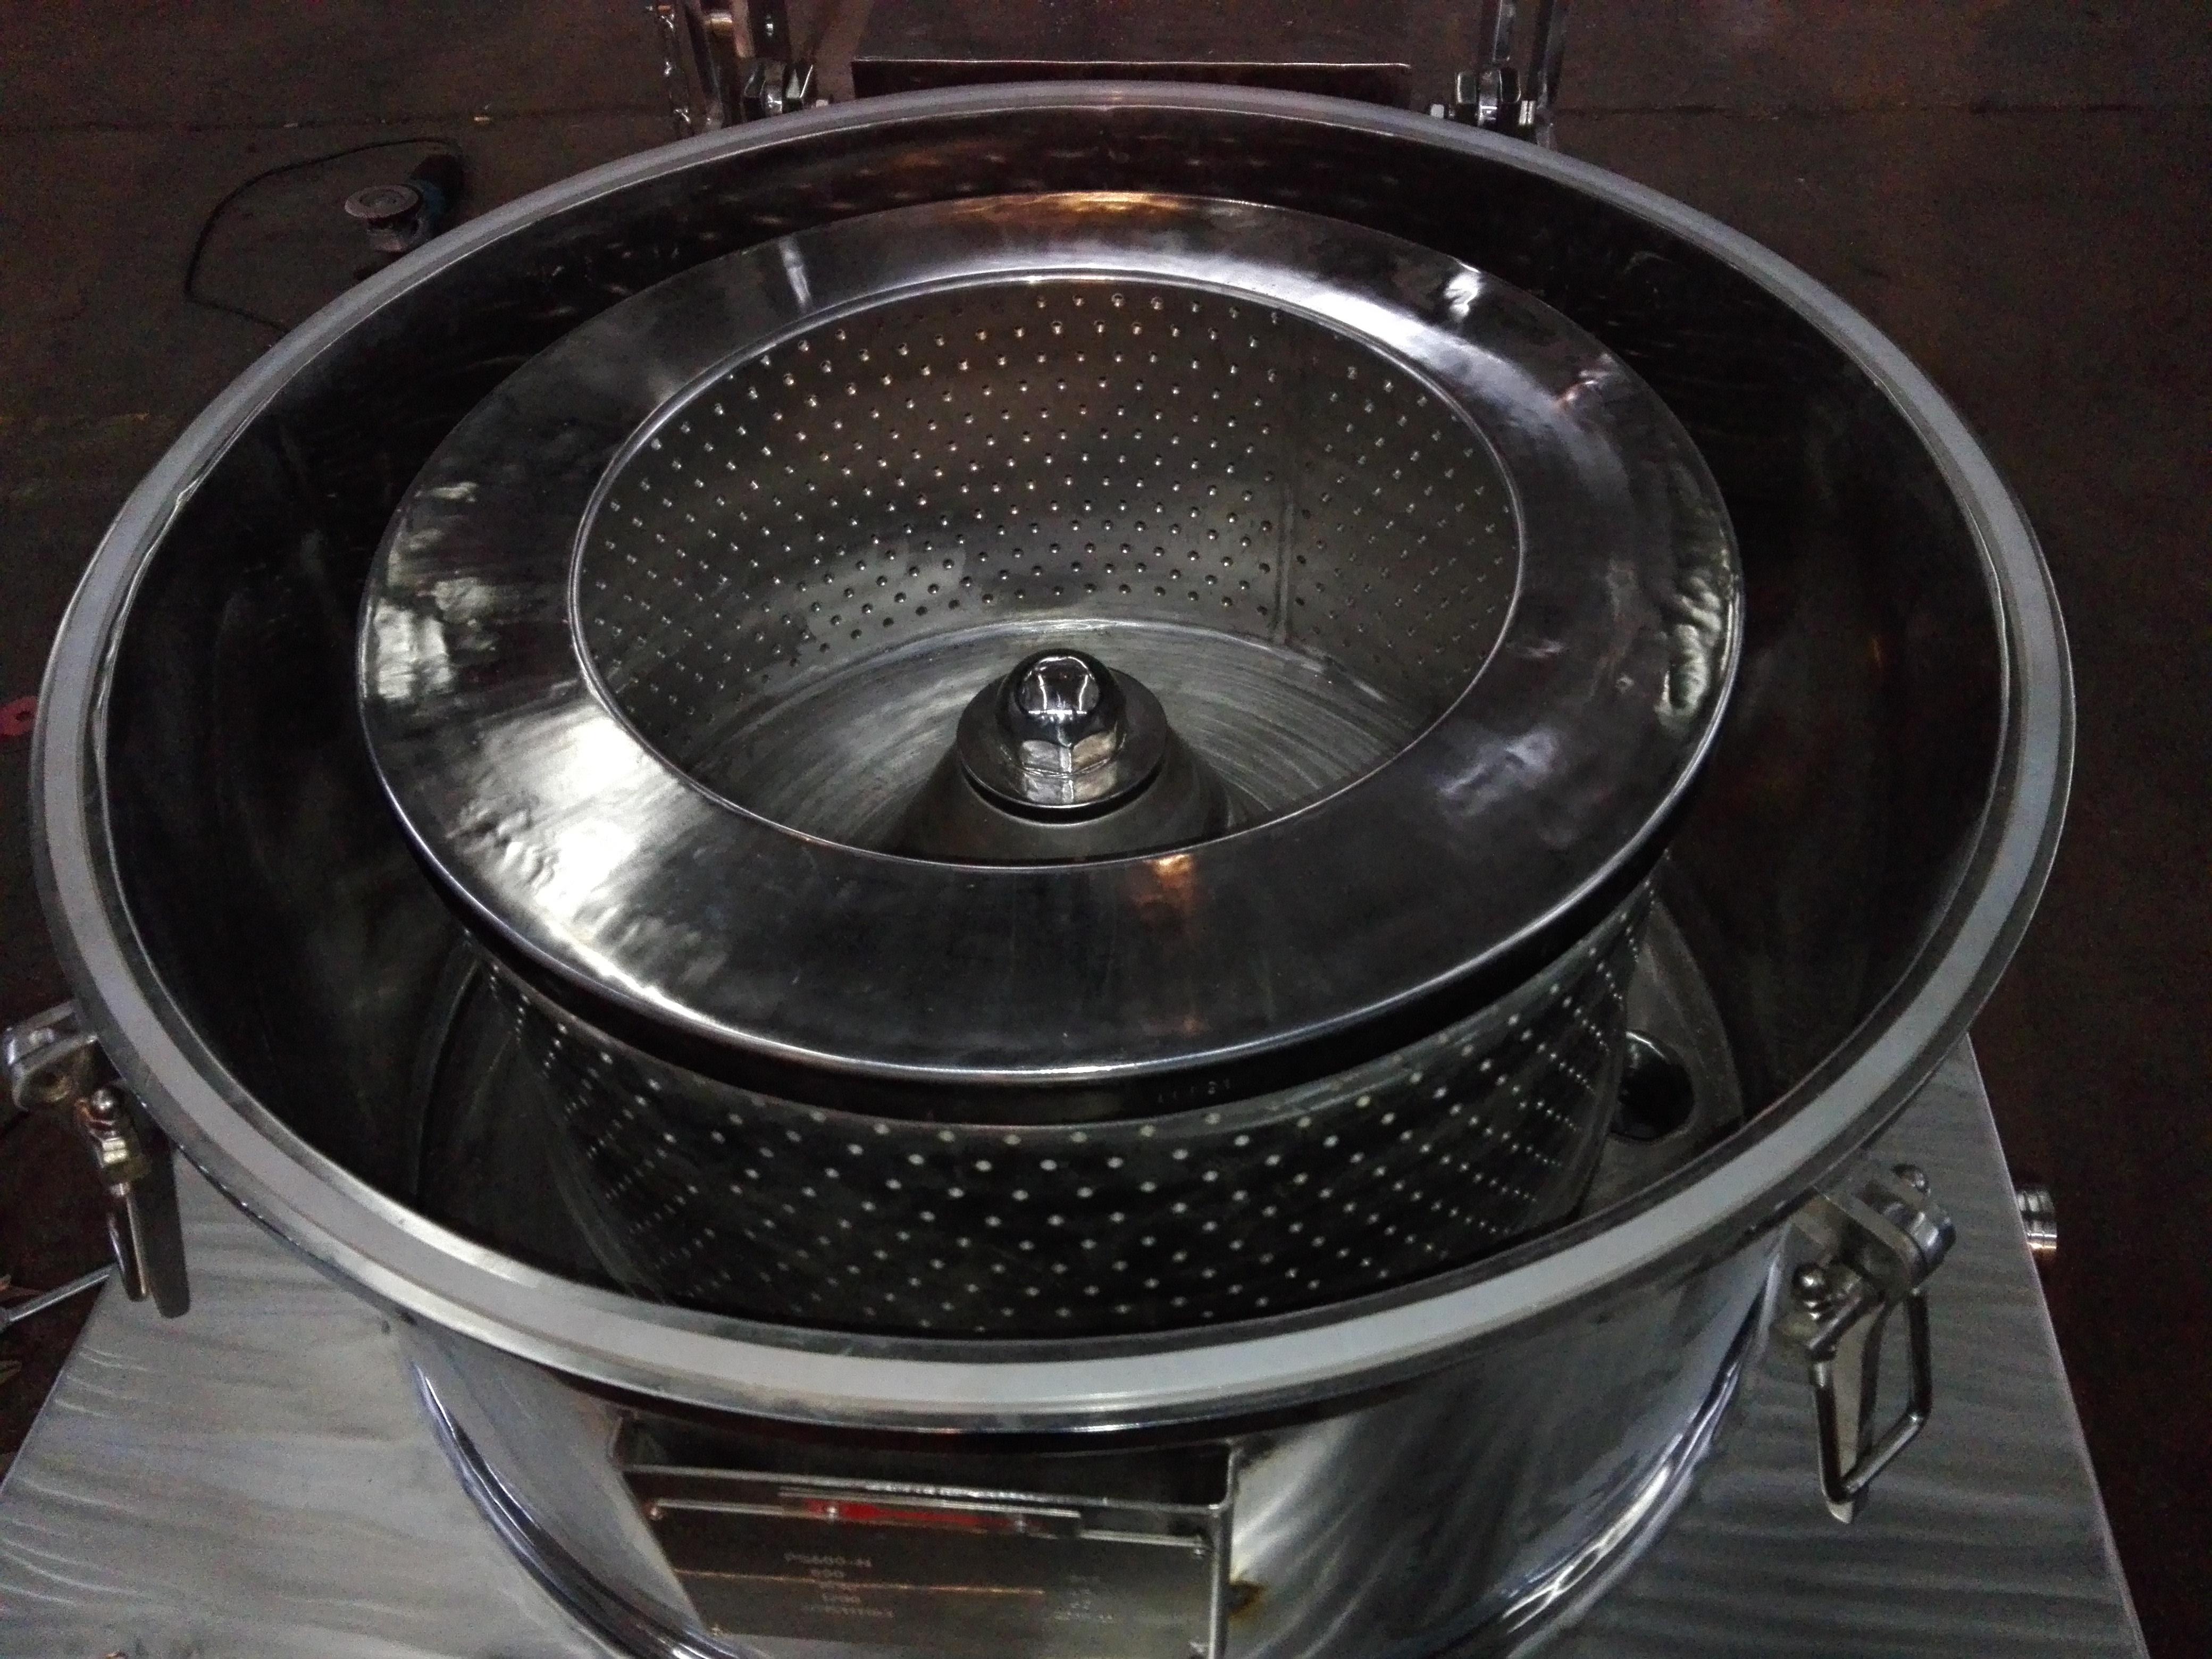 centrifugal kemisk centrifug